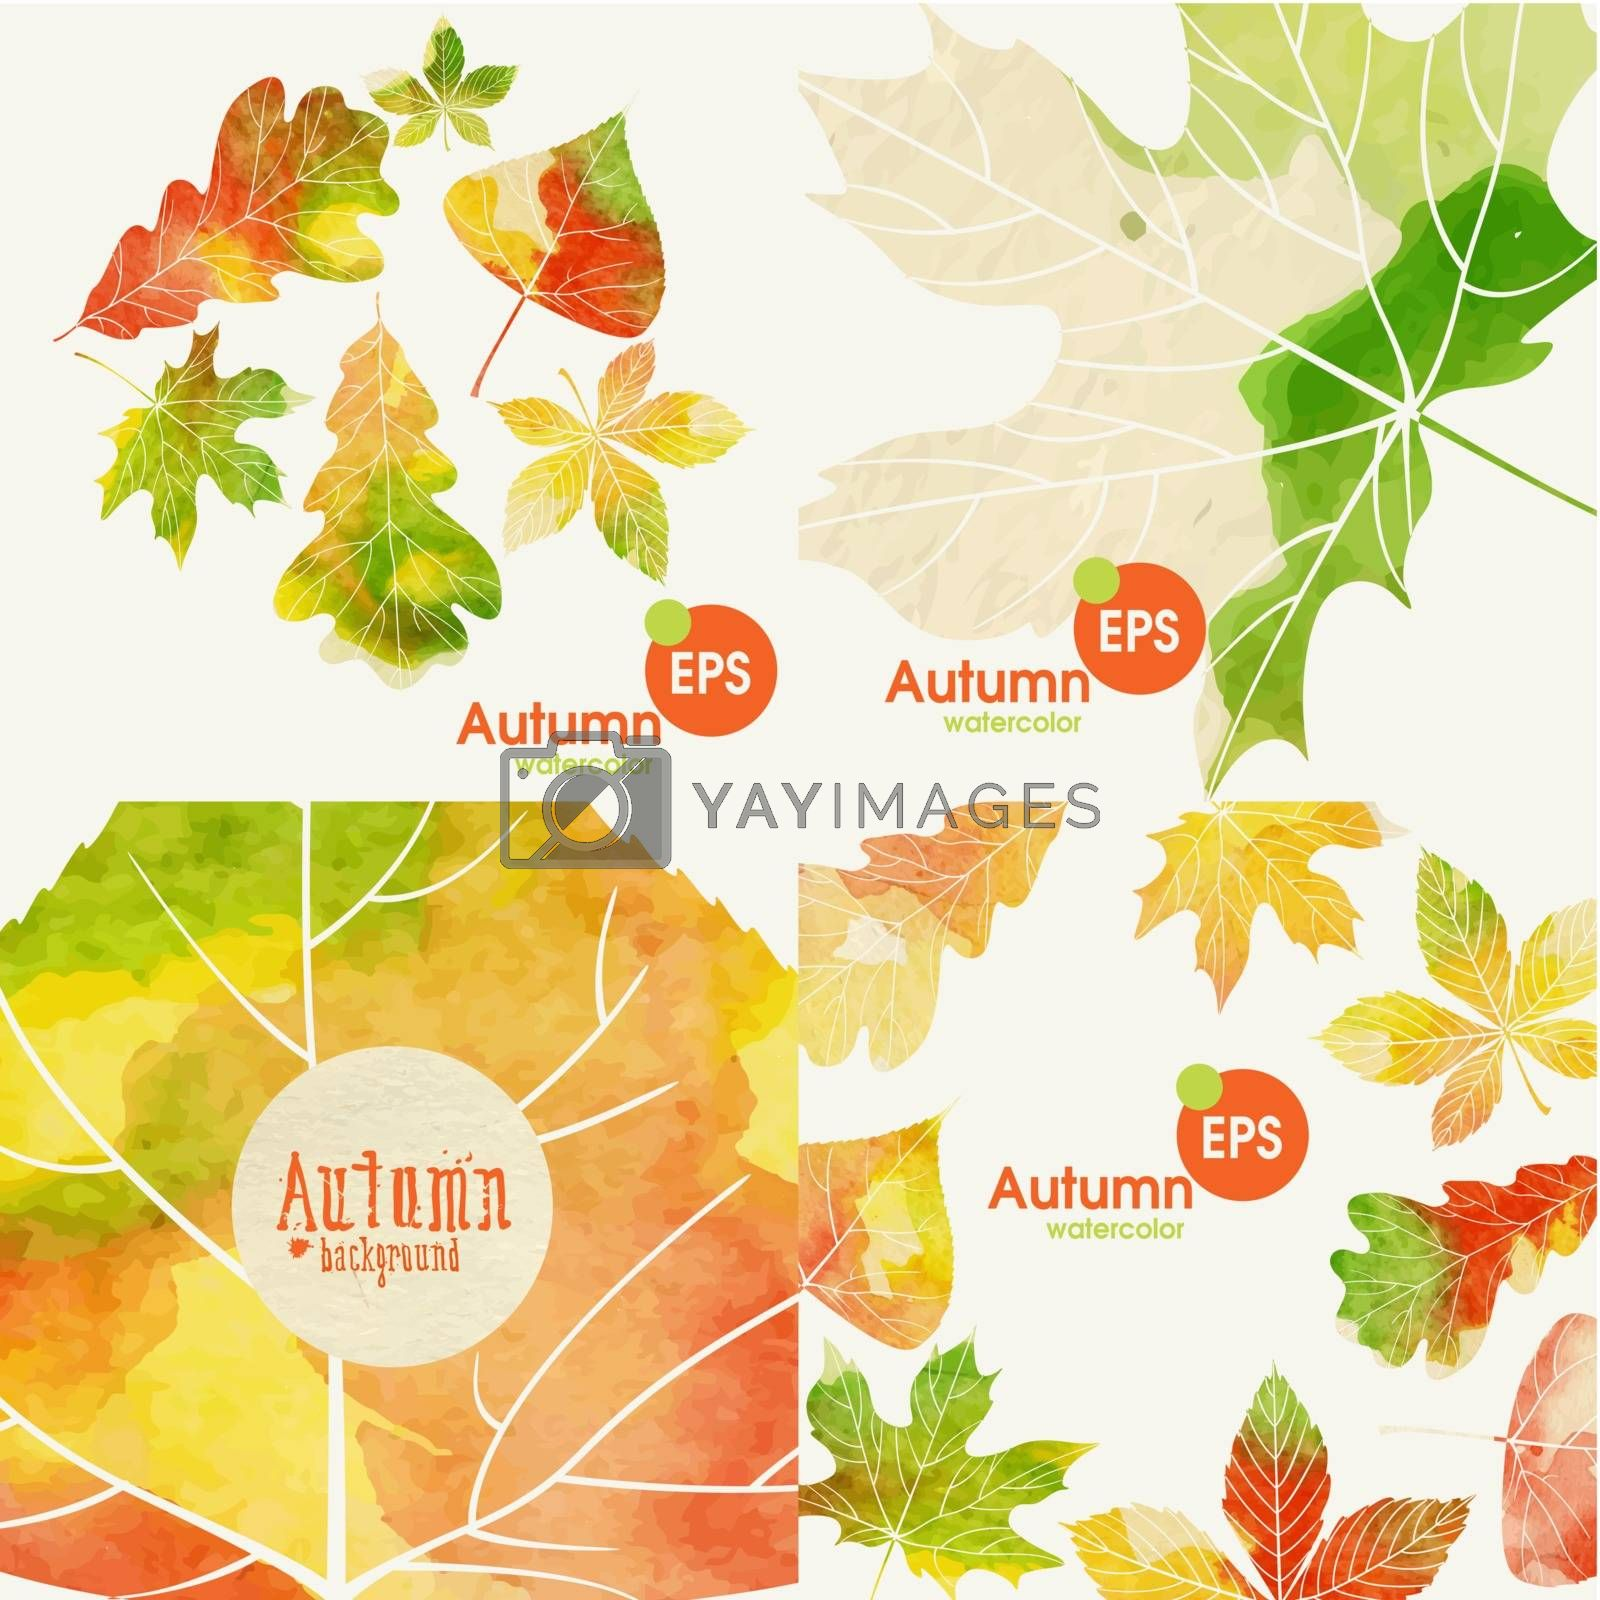 Autumnal Background Set. Vector Illustration. Eps 10